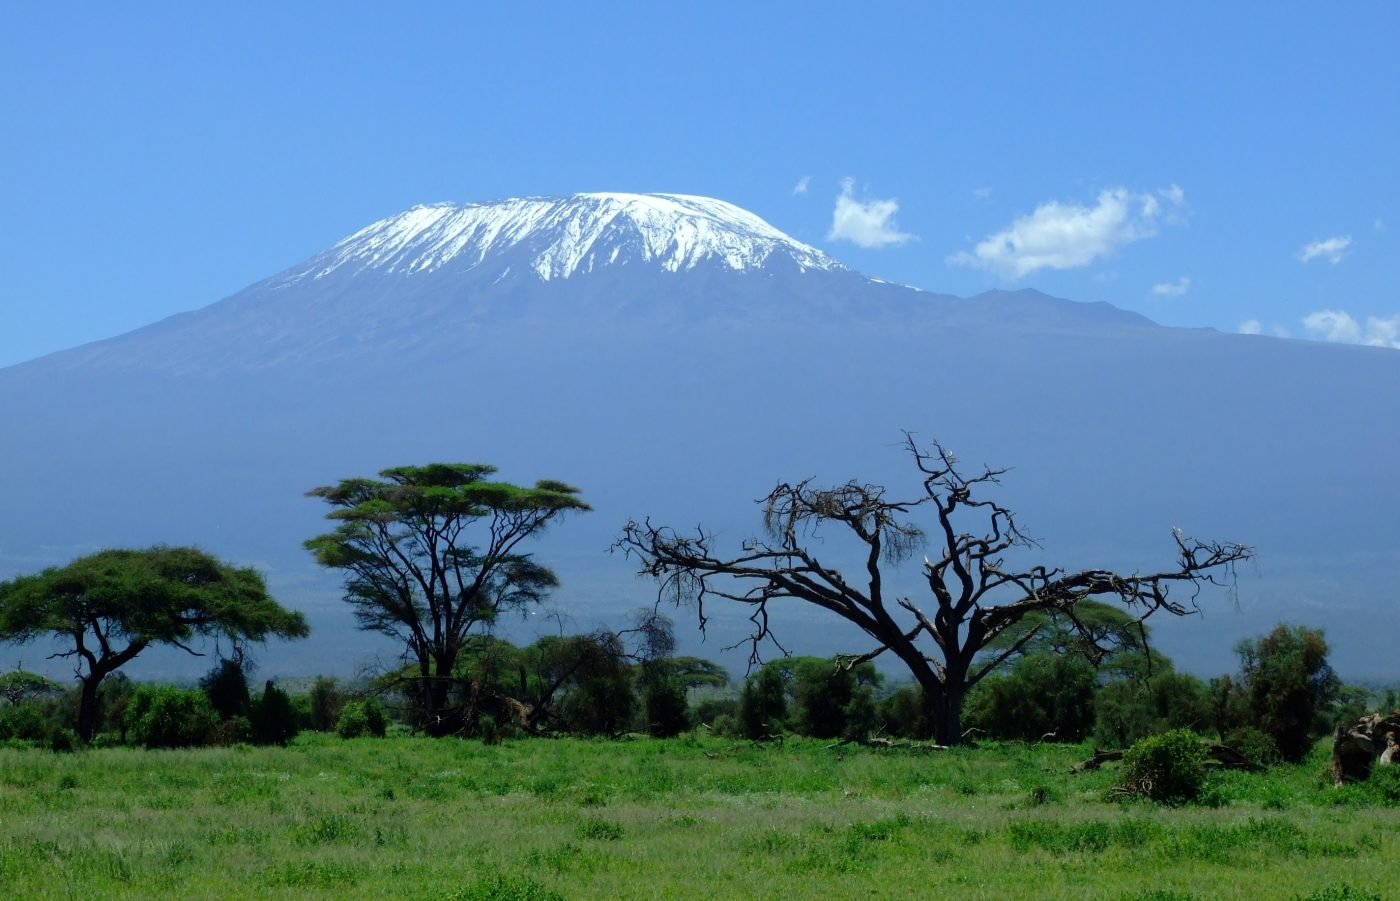 Mount Killmanjaro, Africa